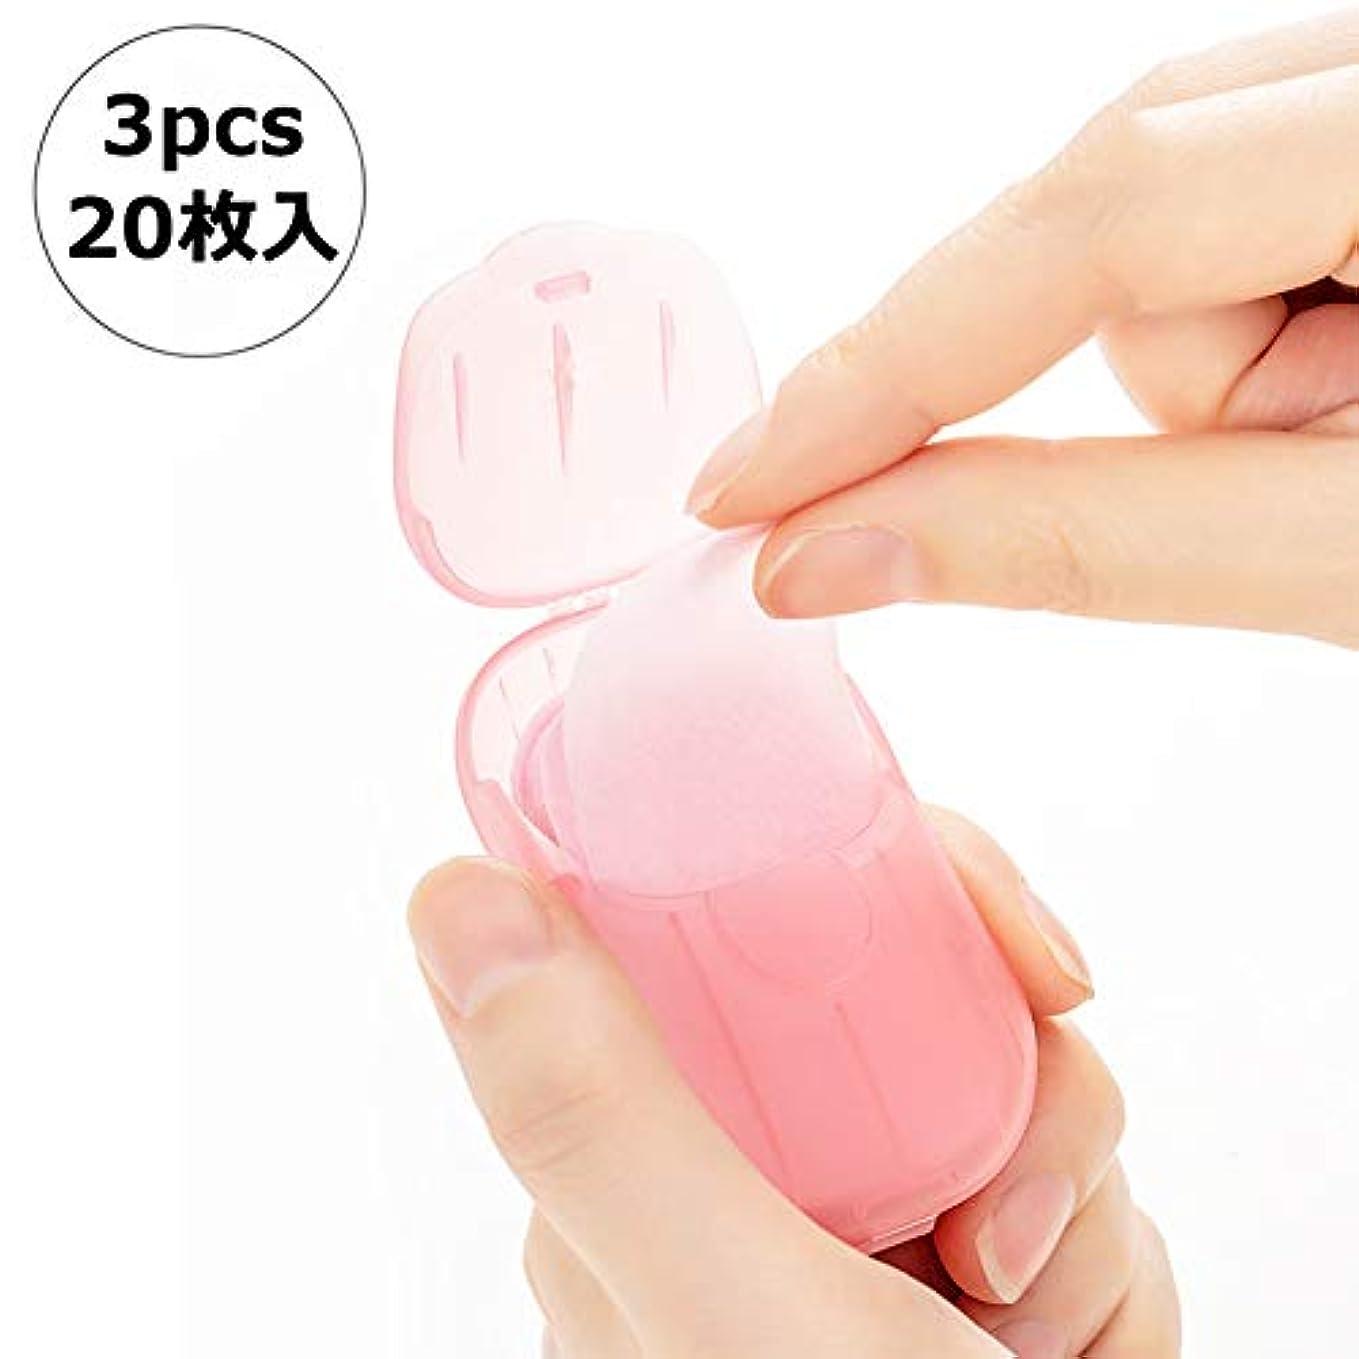 慢性的扱う突進NITIUMI ペーパーソープ 除菌 香り 石鹸 手洗い/お風呂 旅行携帯用 紙せっけん 20枚入 ケース付き カラーランダム (3個セット)